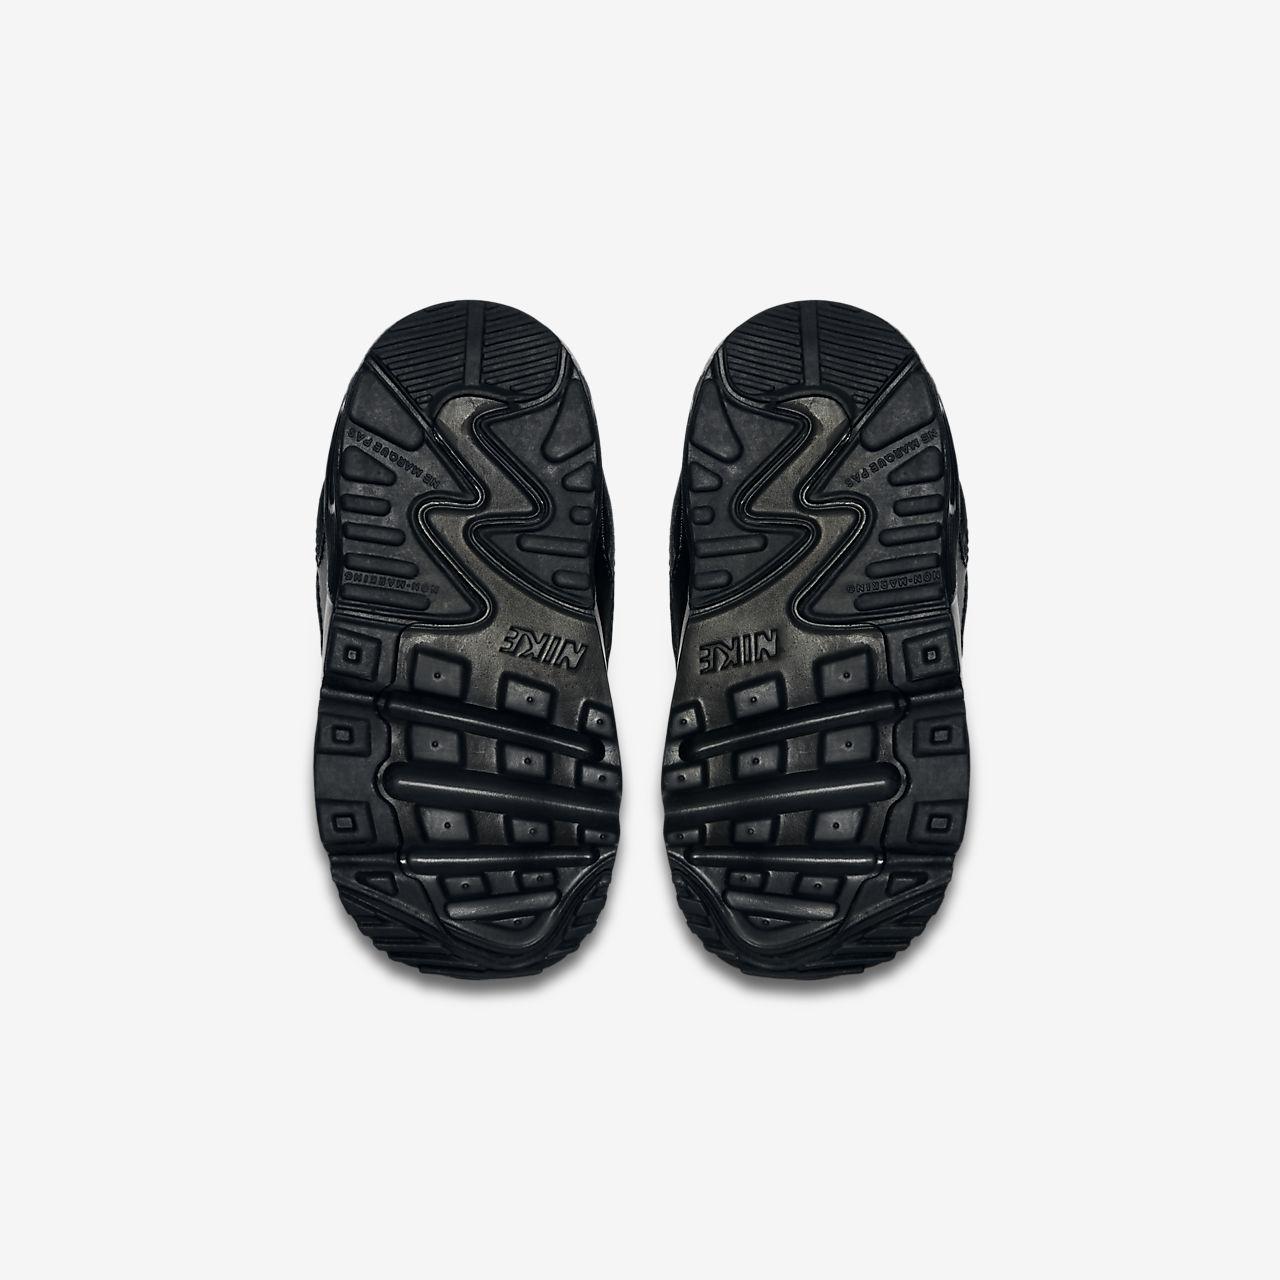 Chaussure Air Max 90 Leather pour BébéPetit enfant